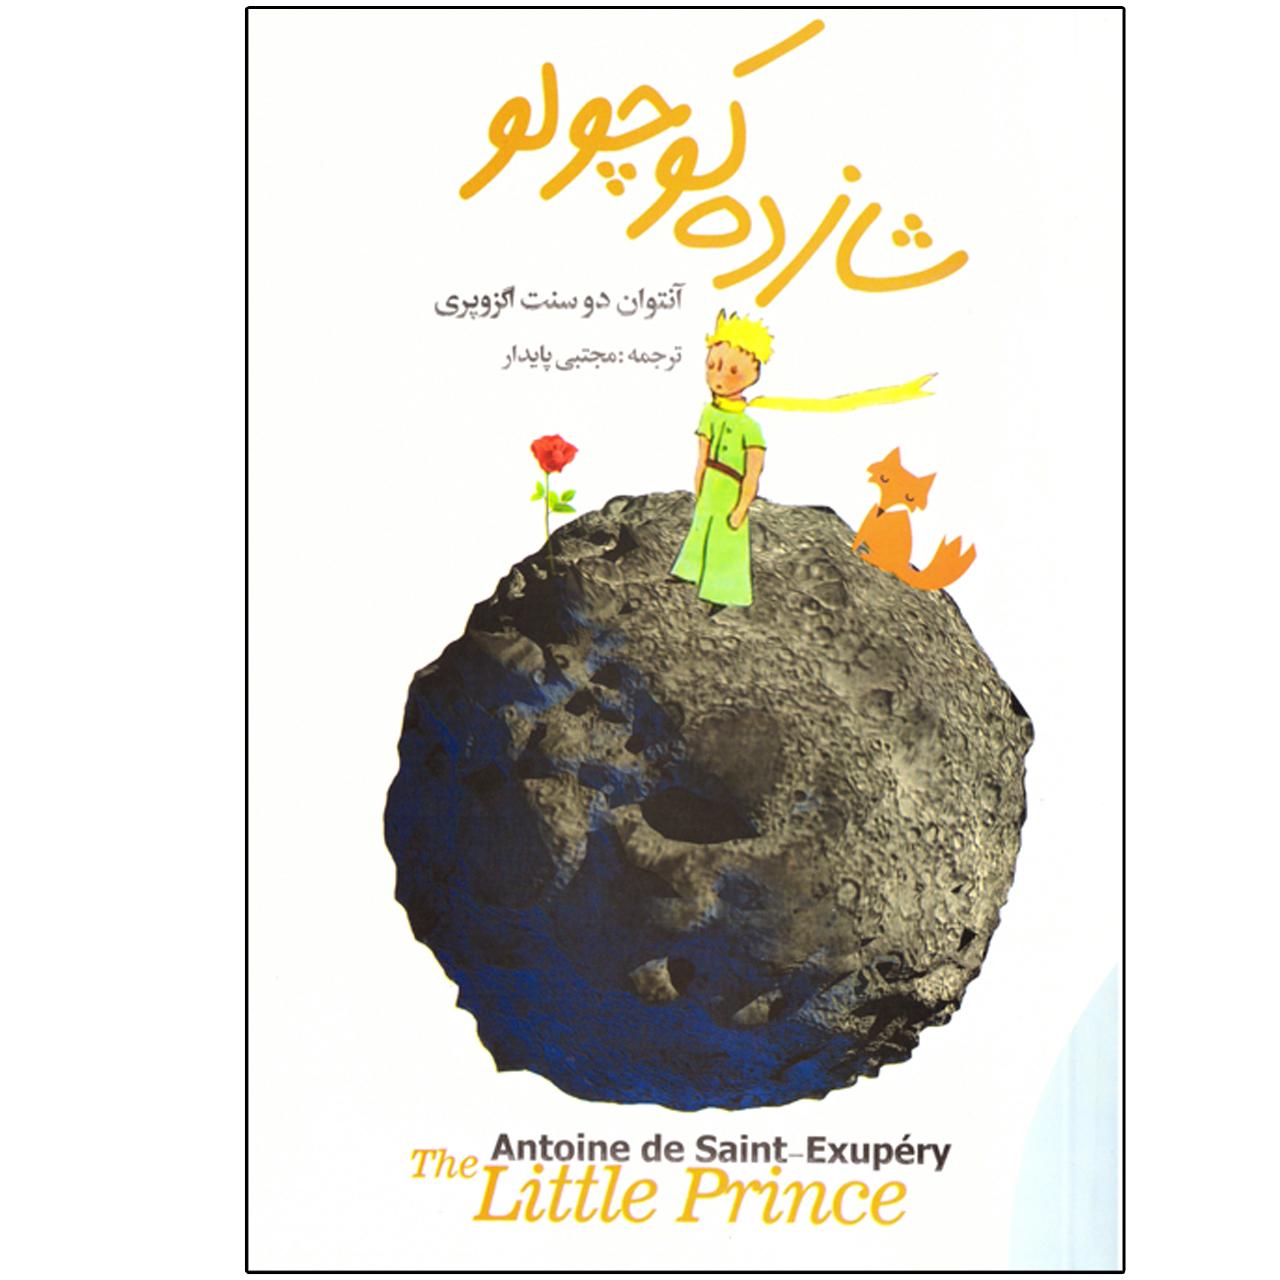 کتاب رمان شازده کوچولو اثر آنتوان دوسنت اگزوپری نشر سالار الموتی به همراه نشانگر